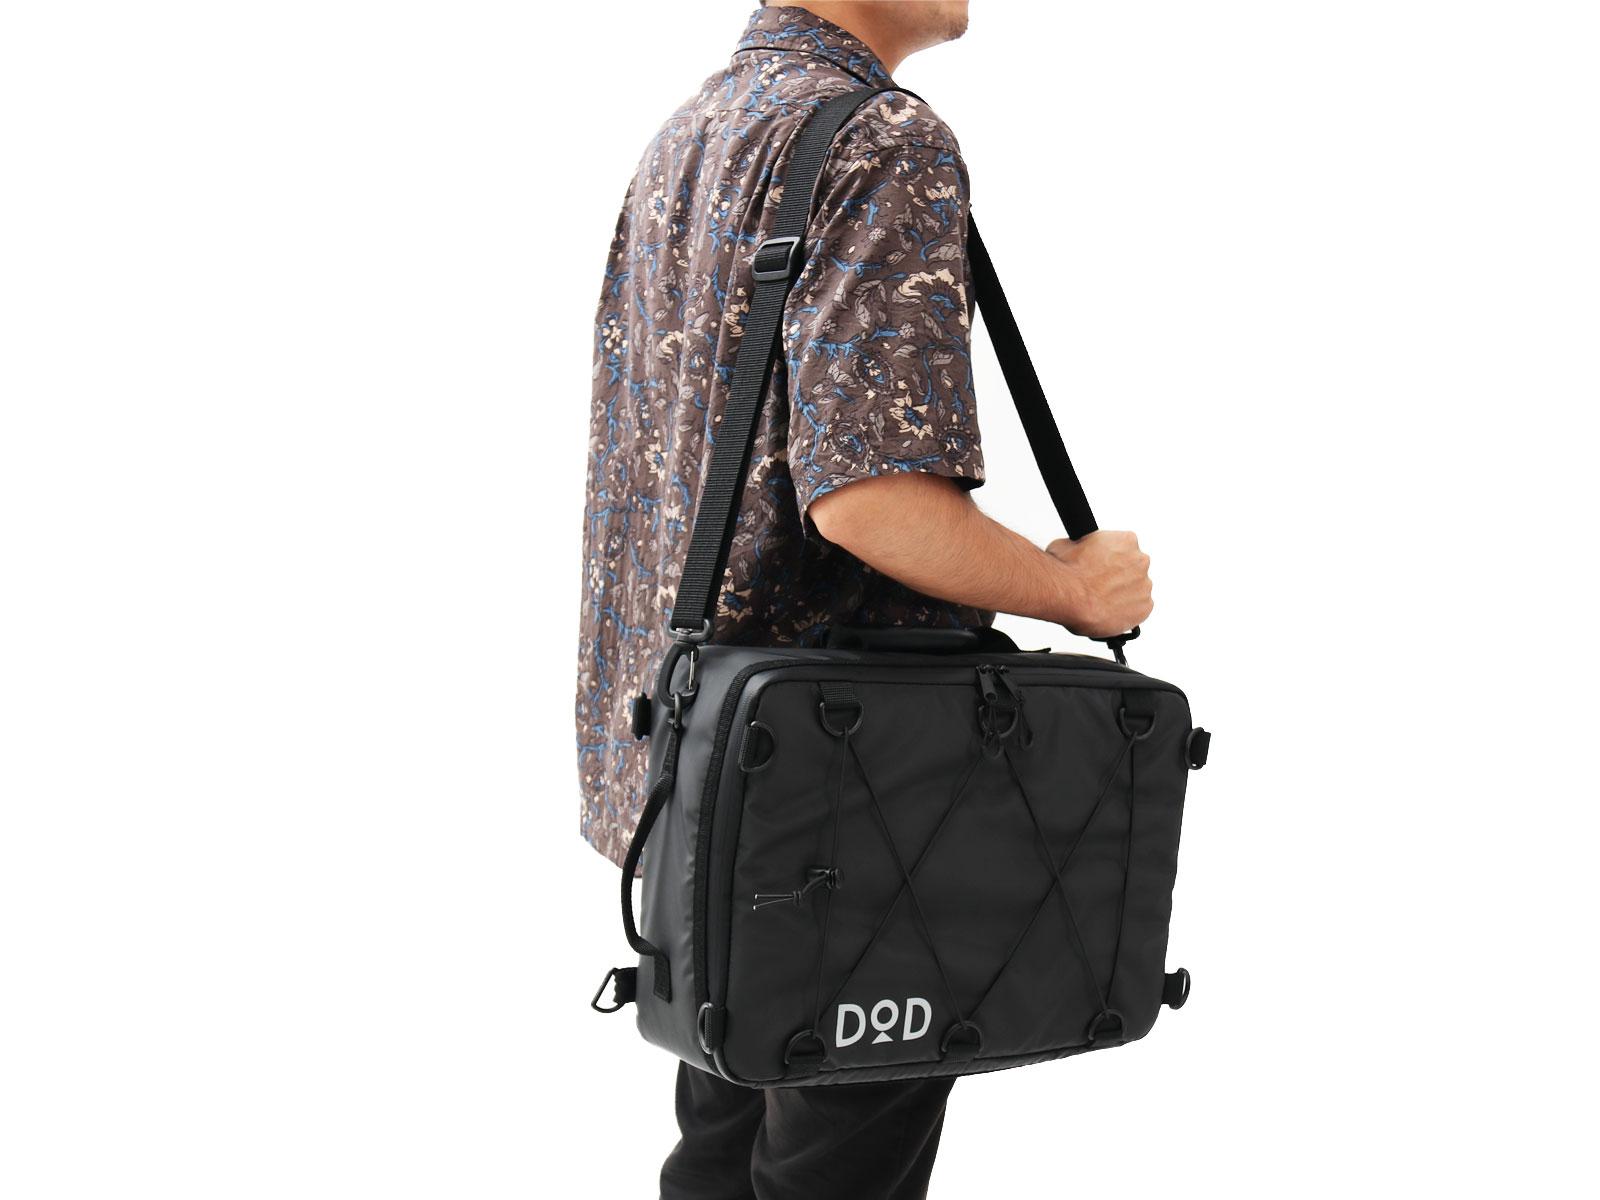 ソフトくらこ(10)の各部の特徴(肩掛けバッグの様に使える。肩掛け用ベルト付属。)